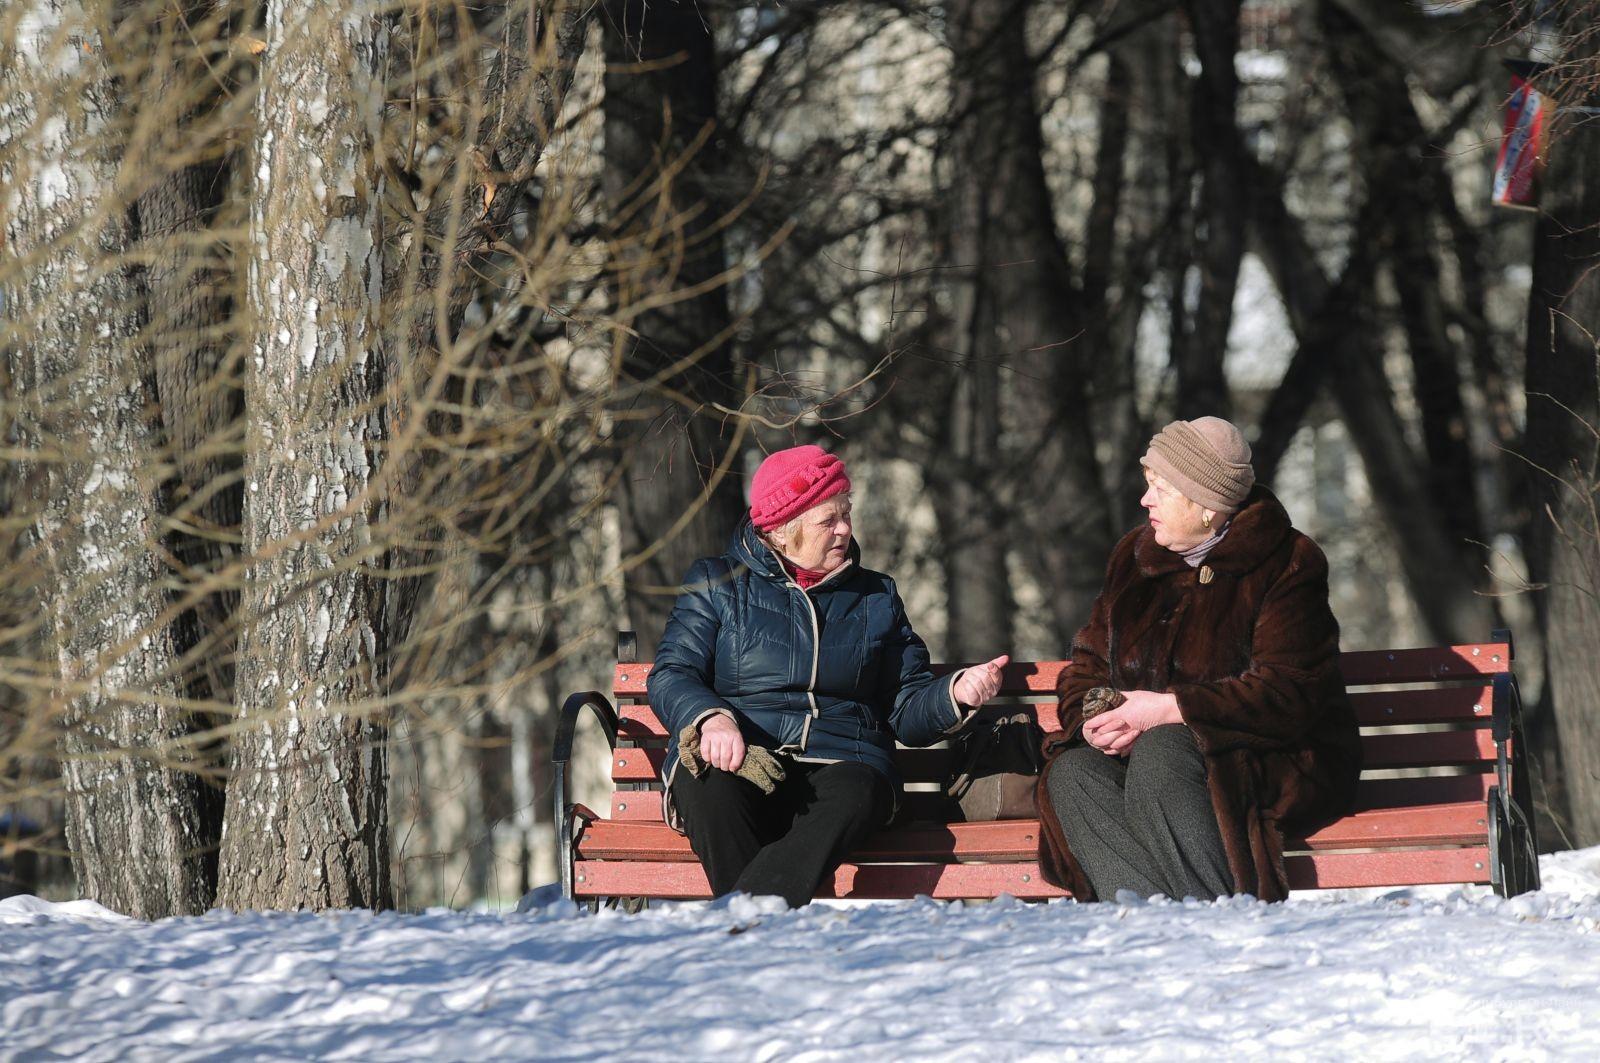 Кудрин обозначил перспективу поднятия пенсионного возраста в Российской Федерации